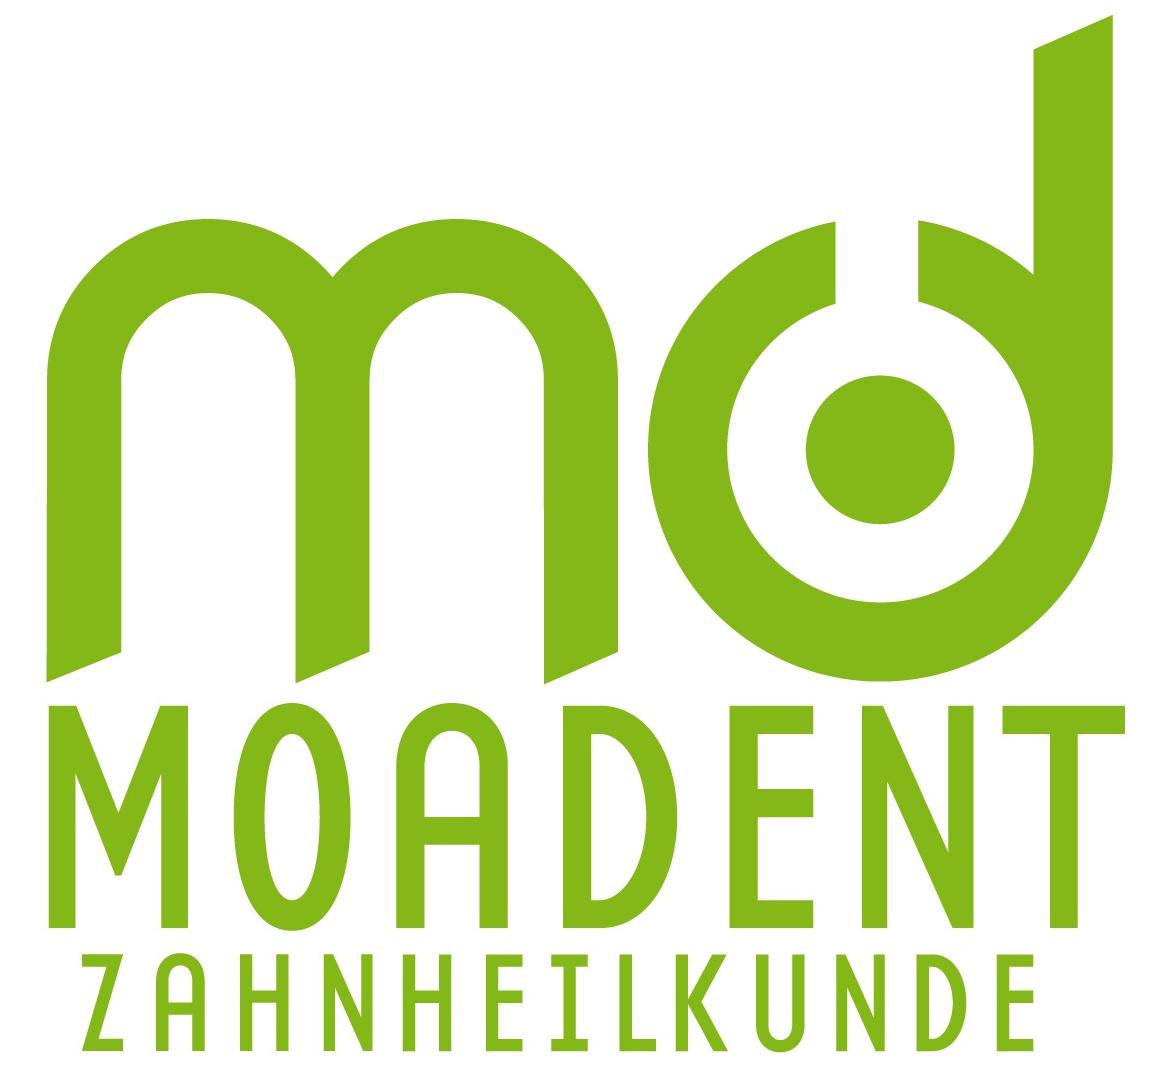 Moadent